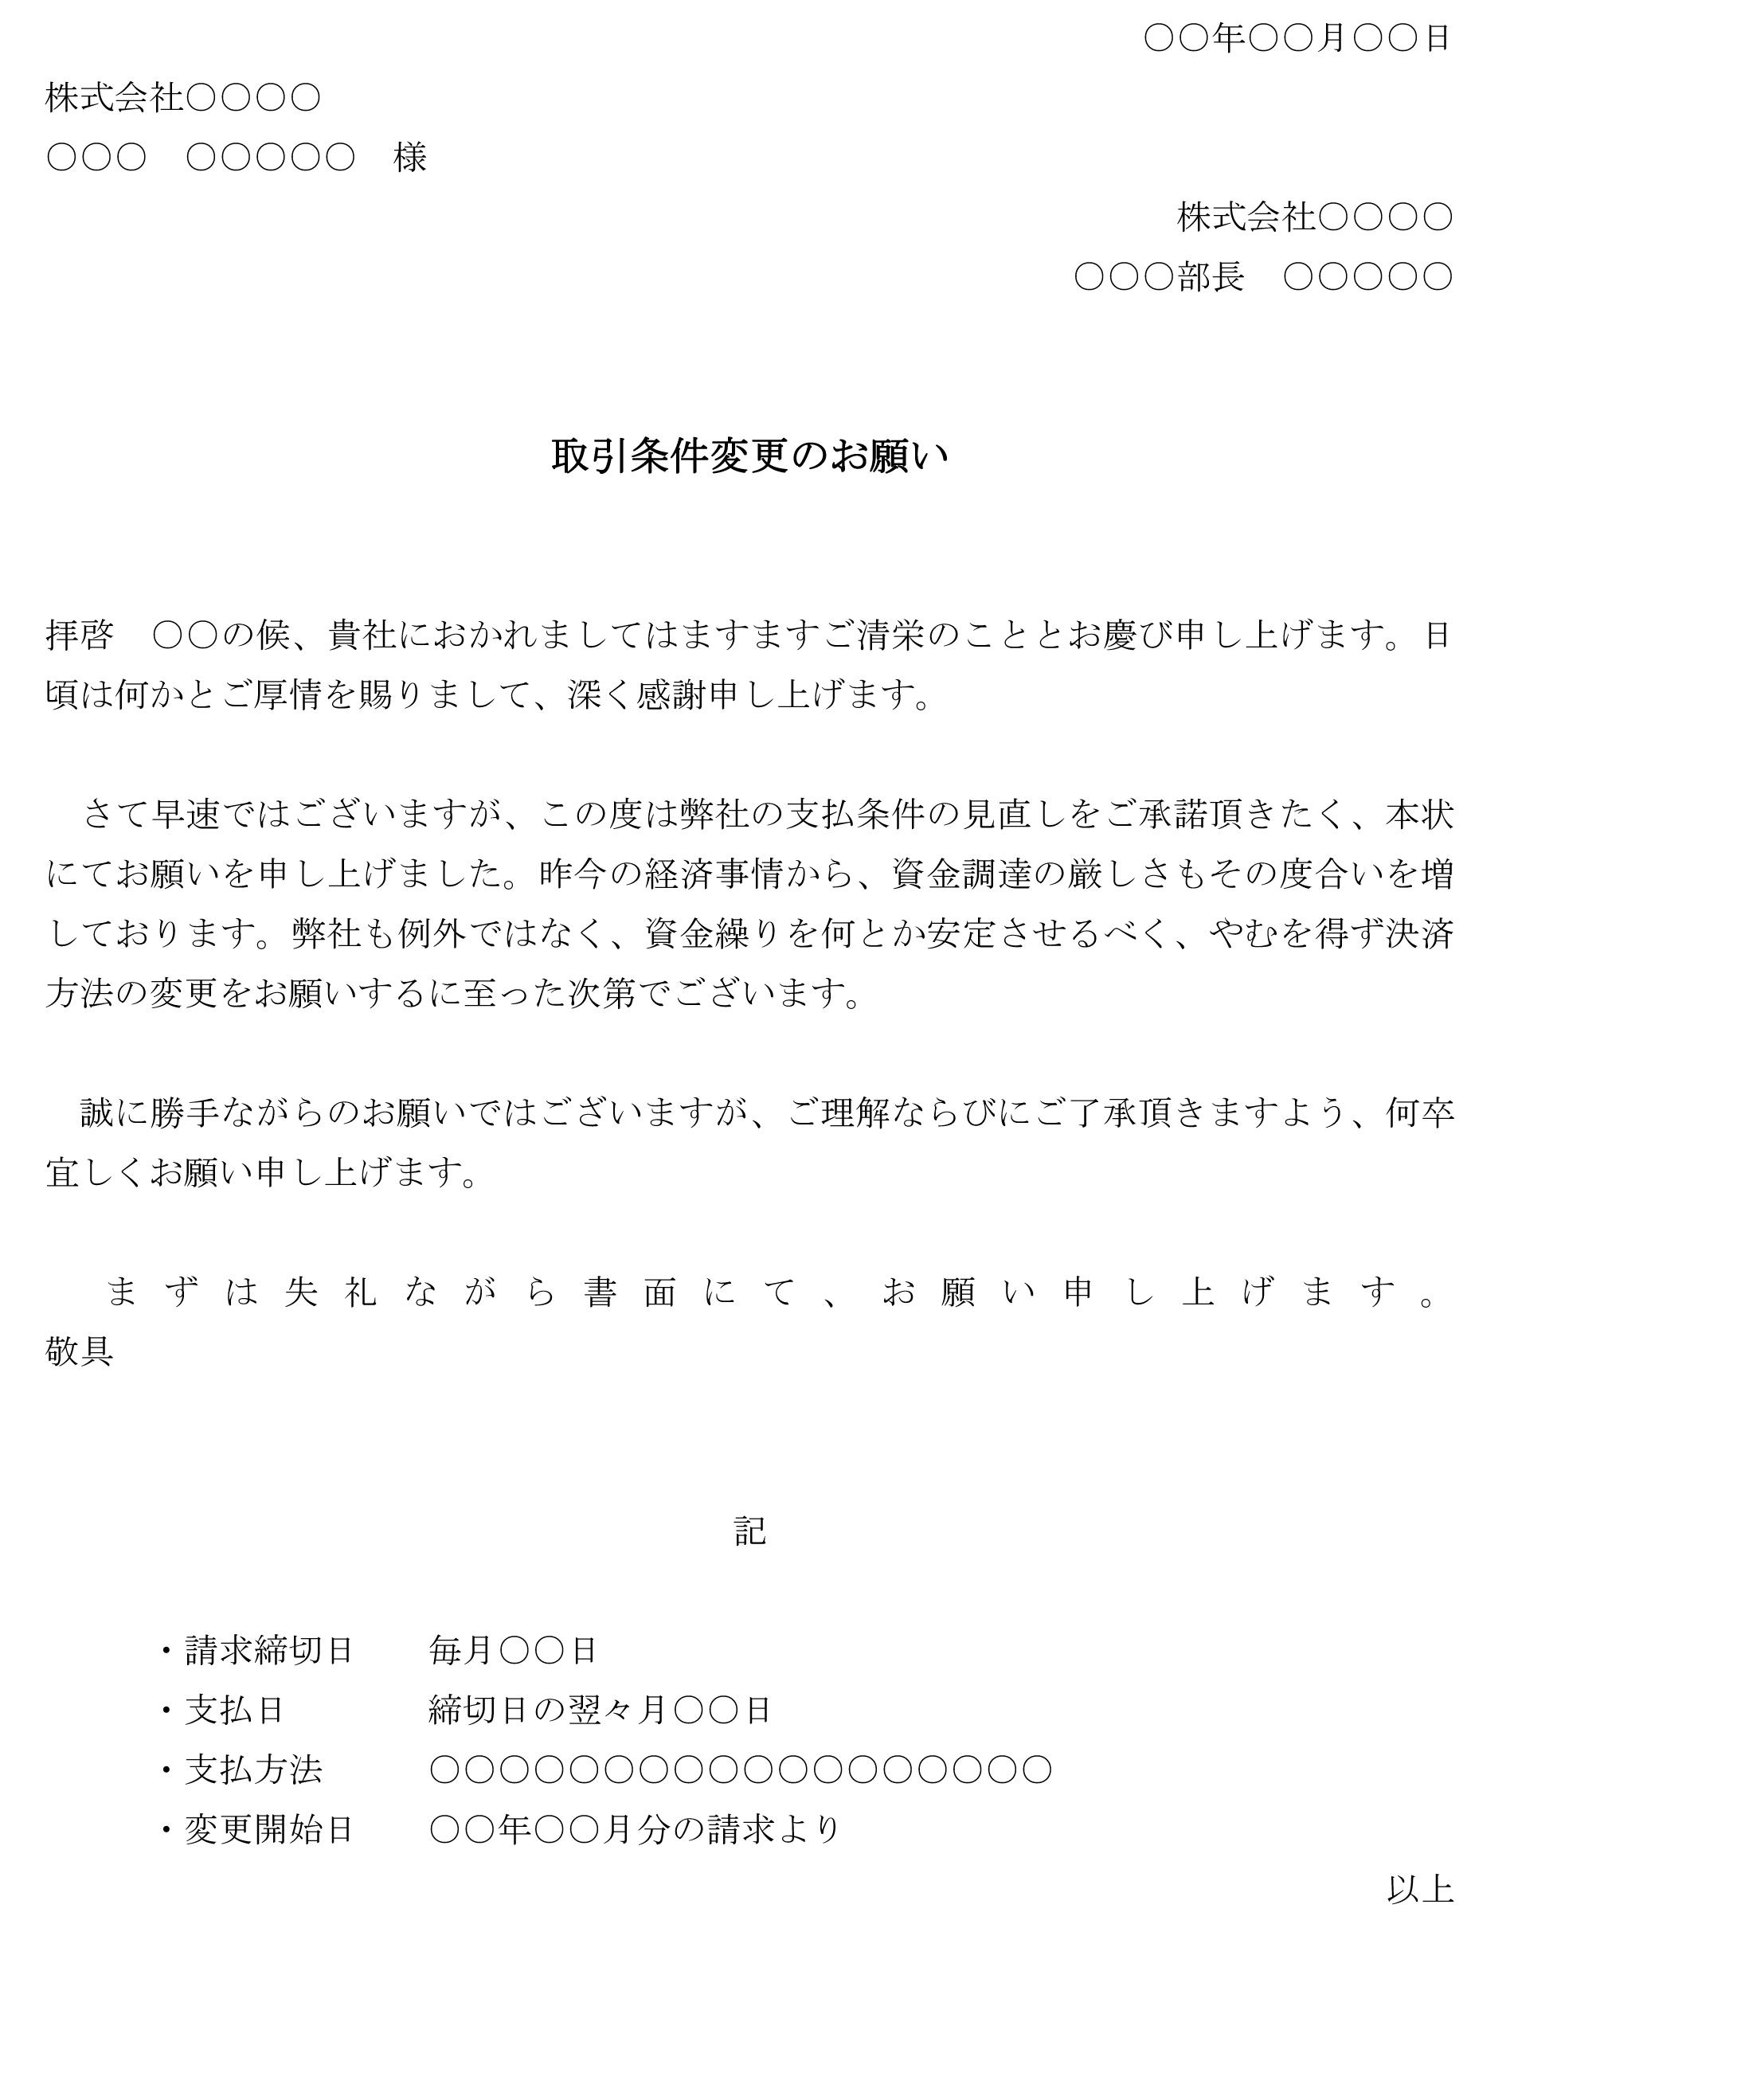 依頼状(取引条件の変更)01